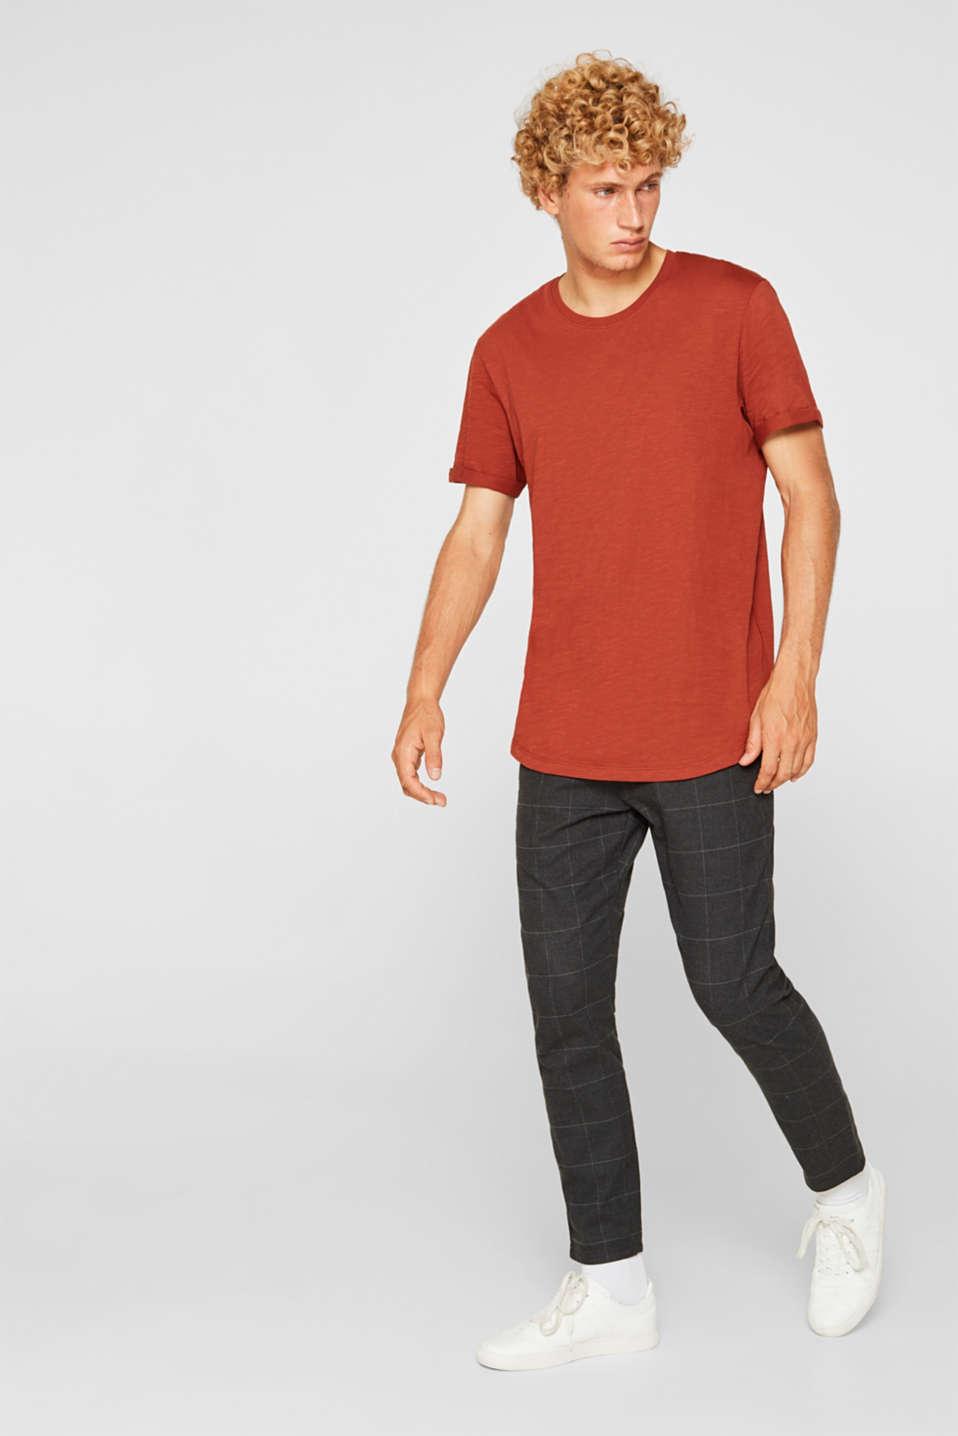 Slub jersey T-shirt in 100% cotton, RUST ORANGE, detail image number 2